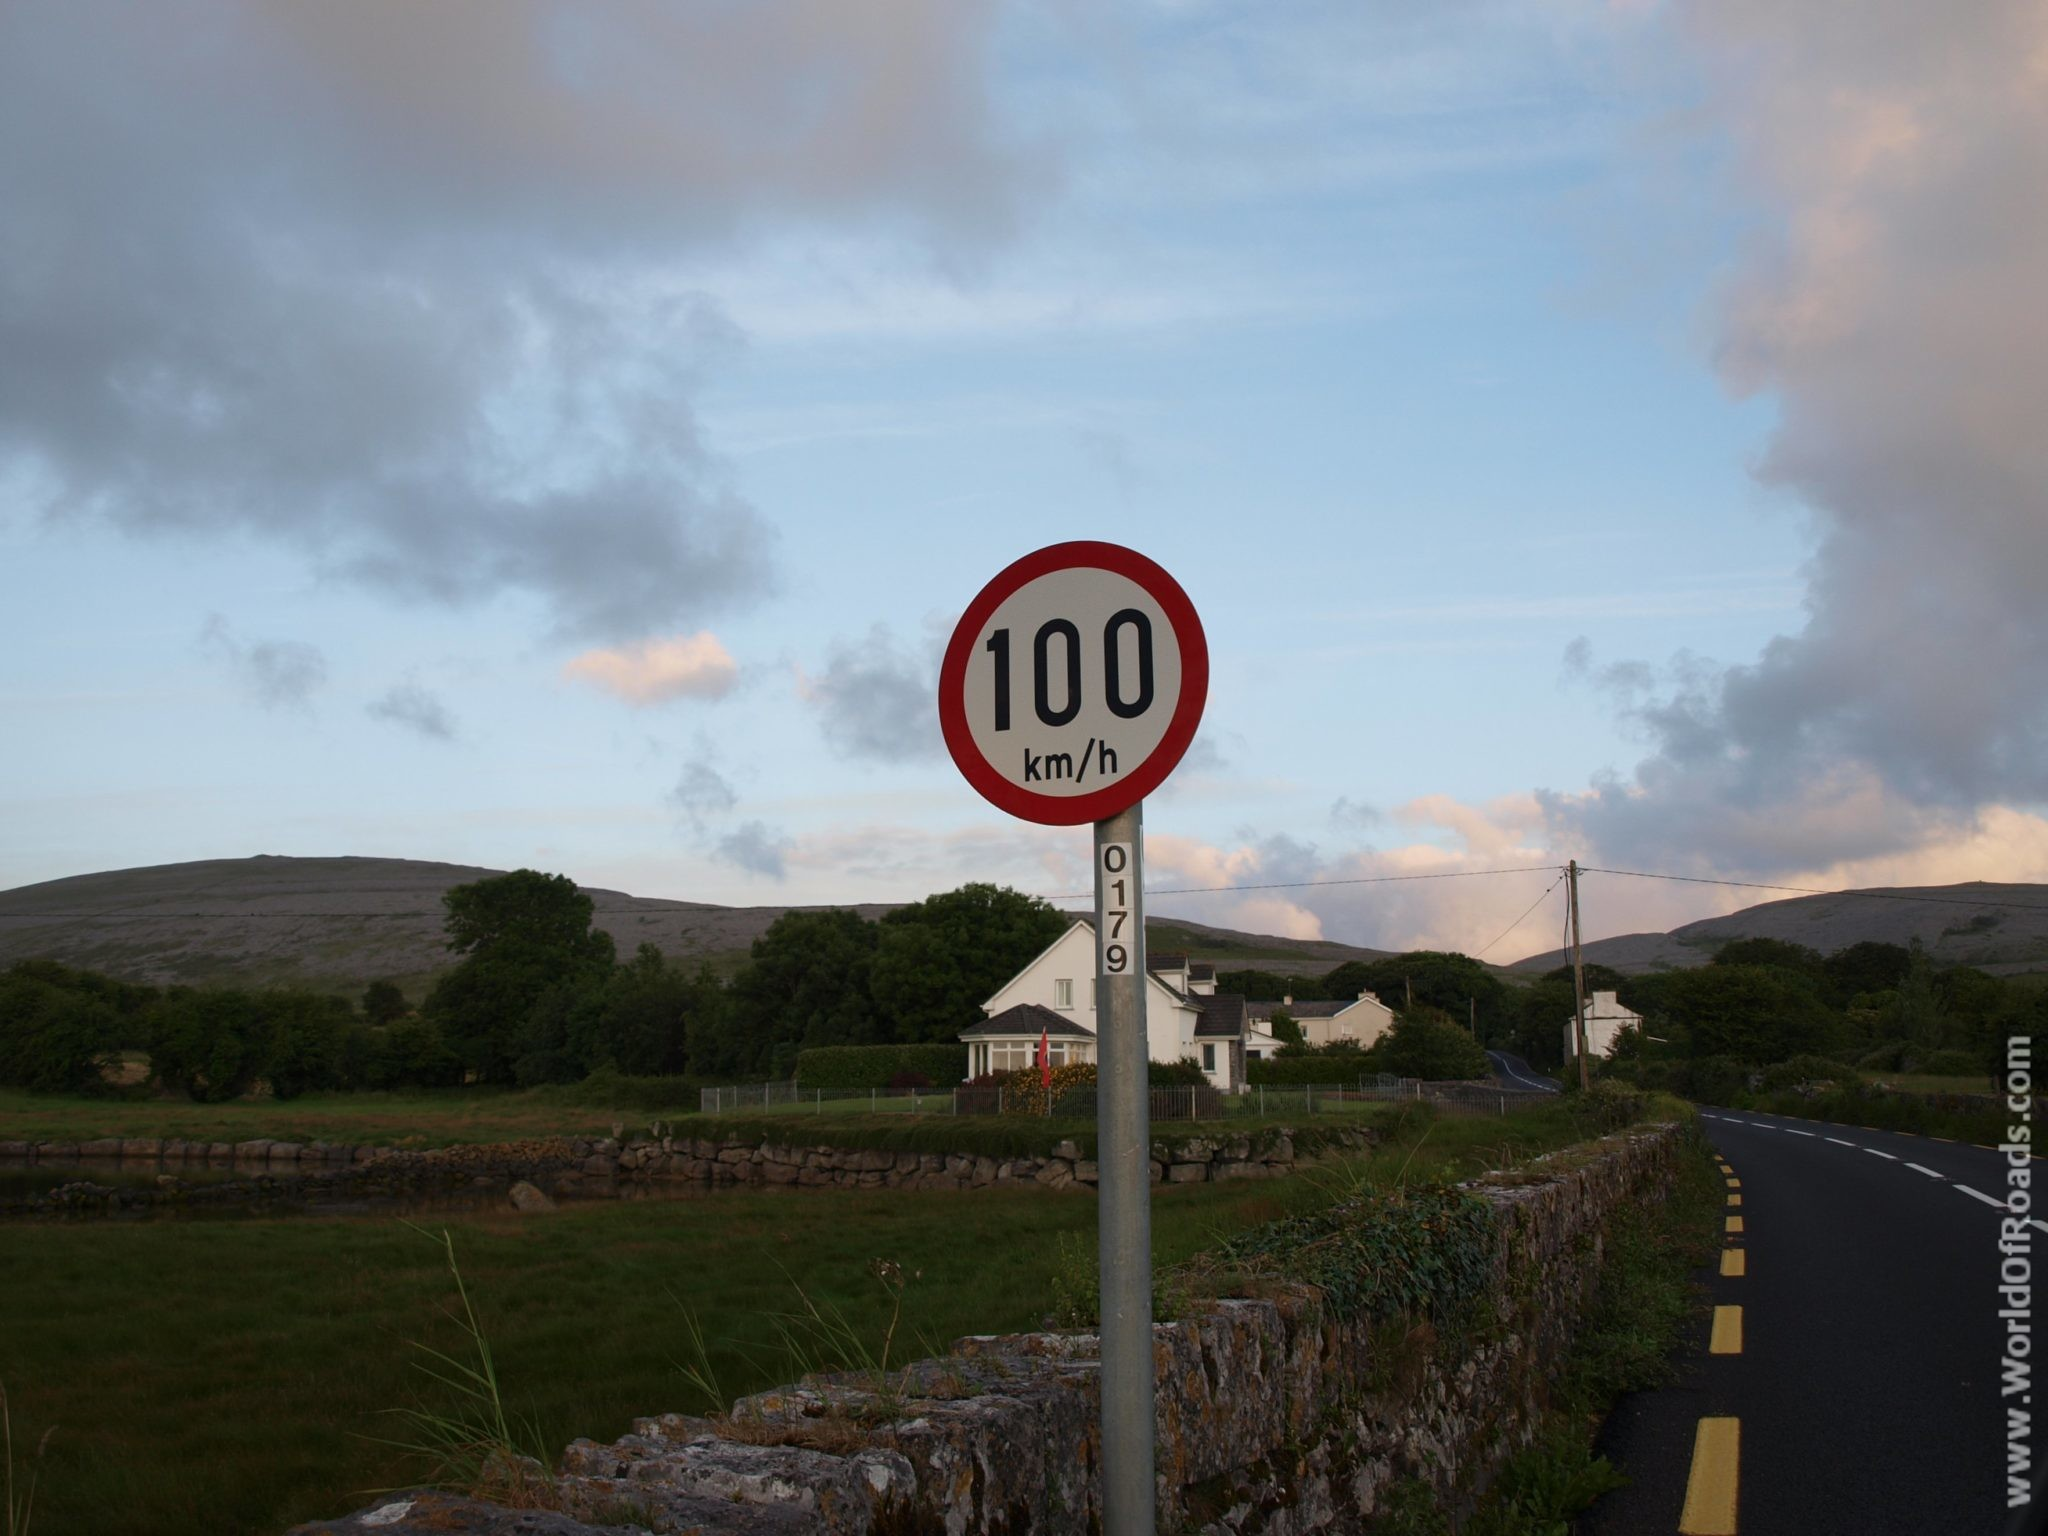 Дорожный знак. Ограничение скорости. Ирландия.